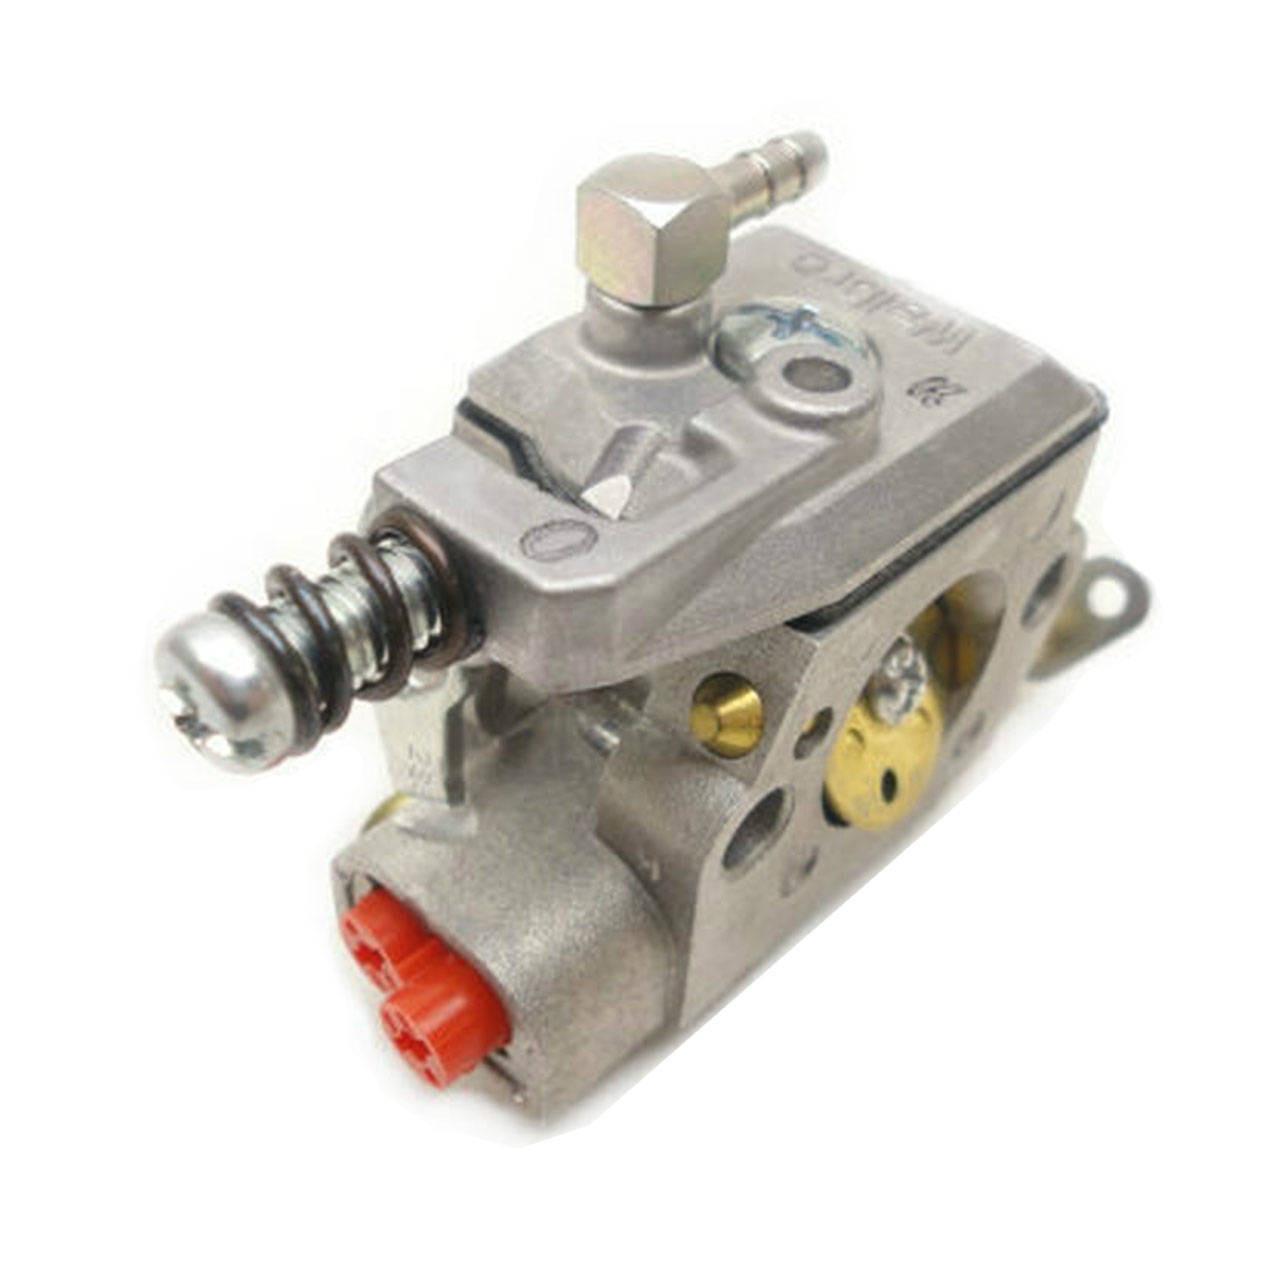 ECHO A021001220 - CARBURETOR WT-794-P - Image 1